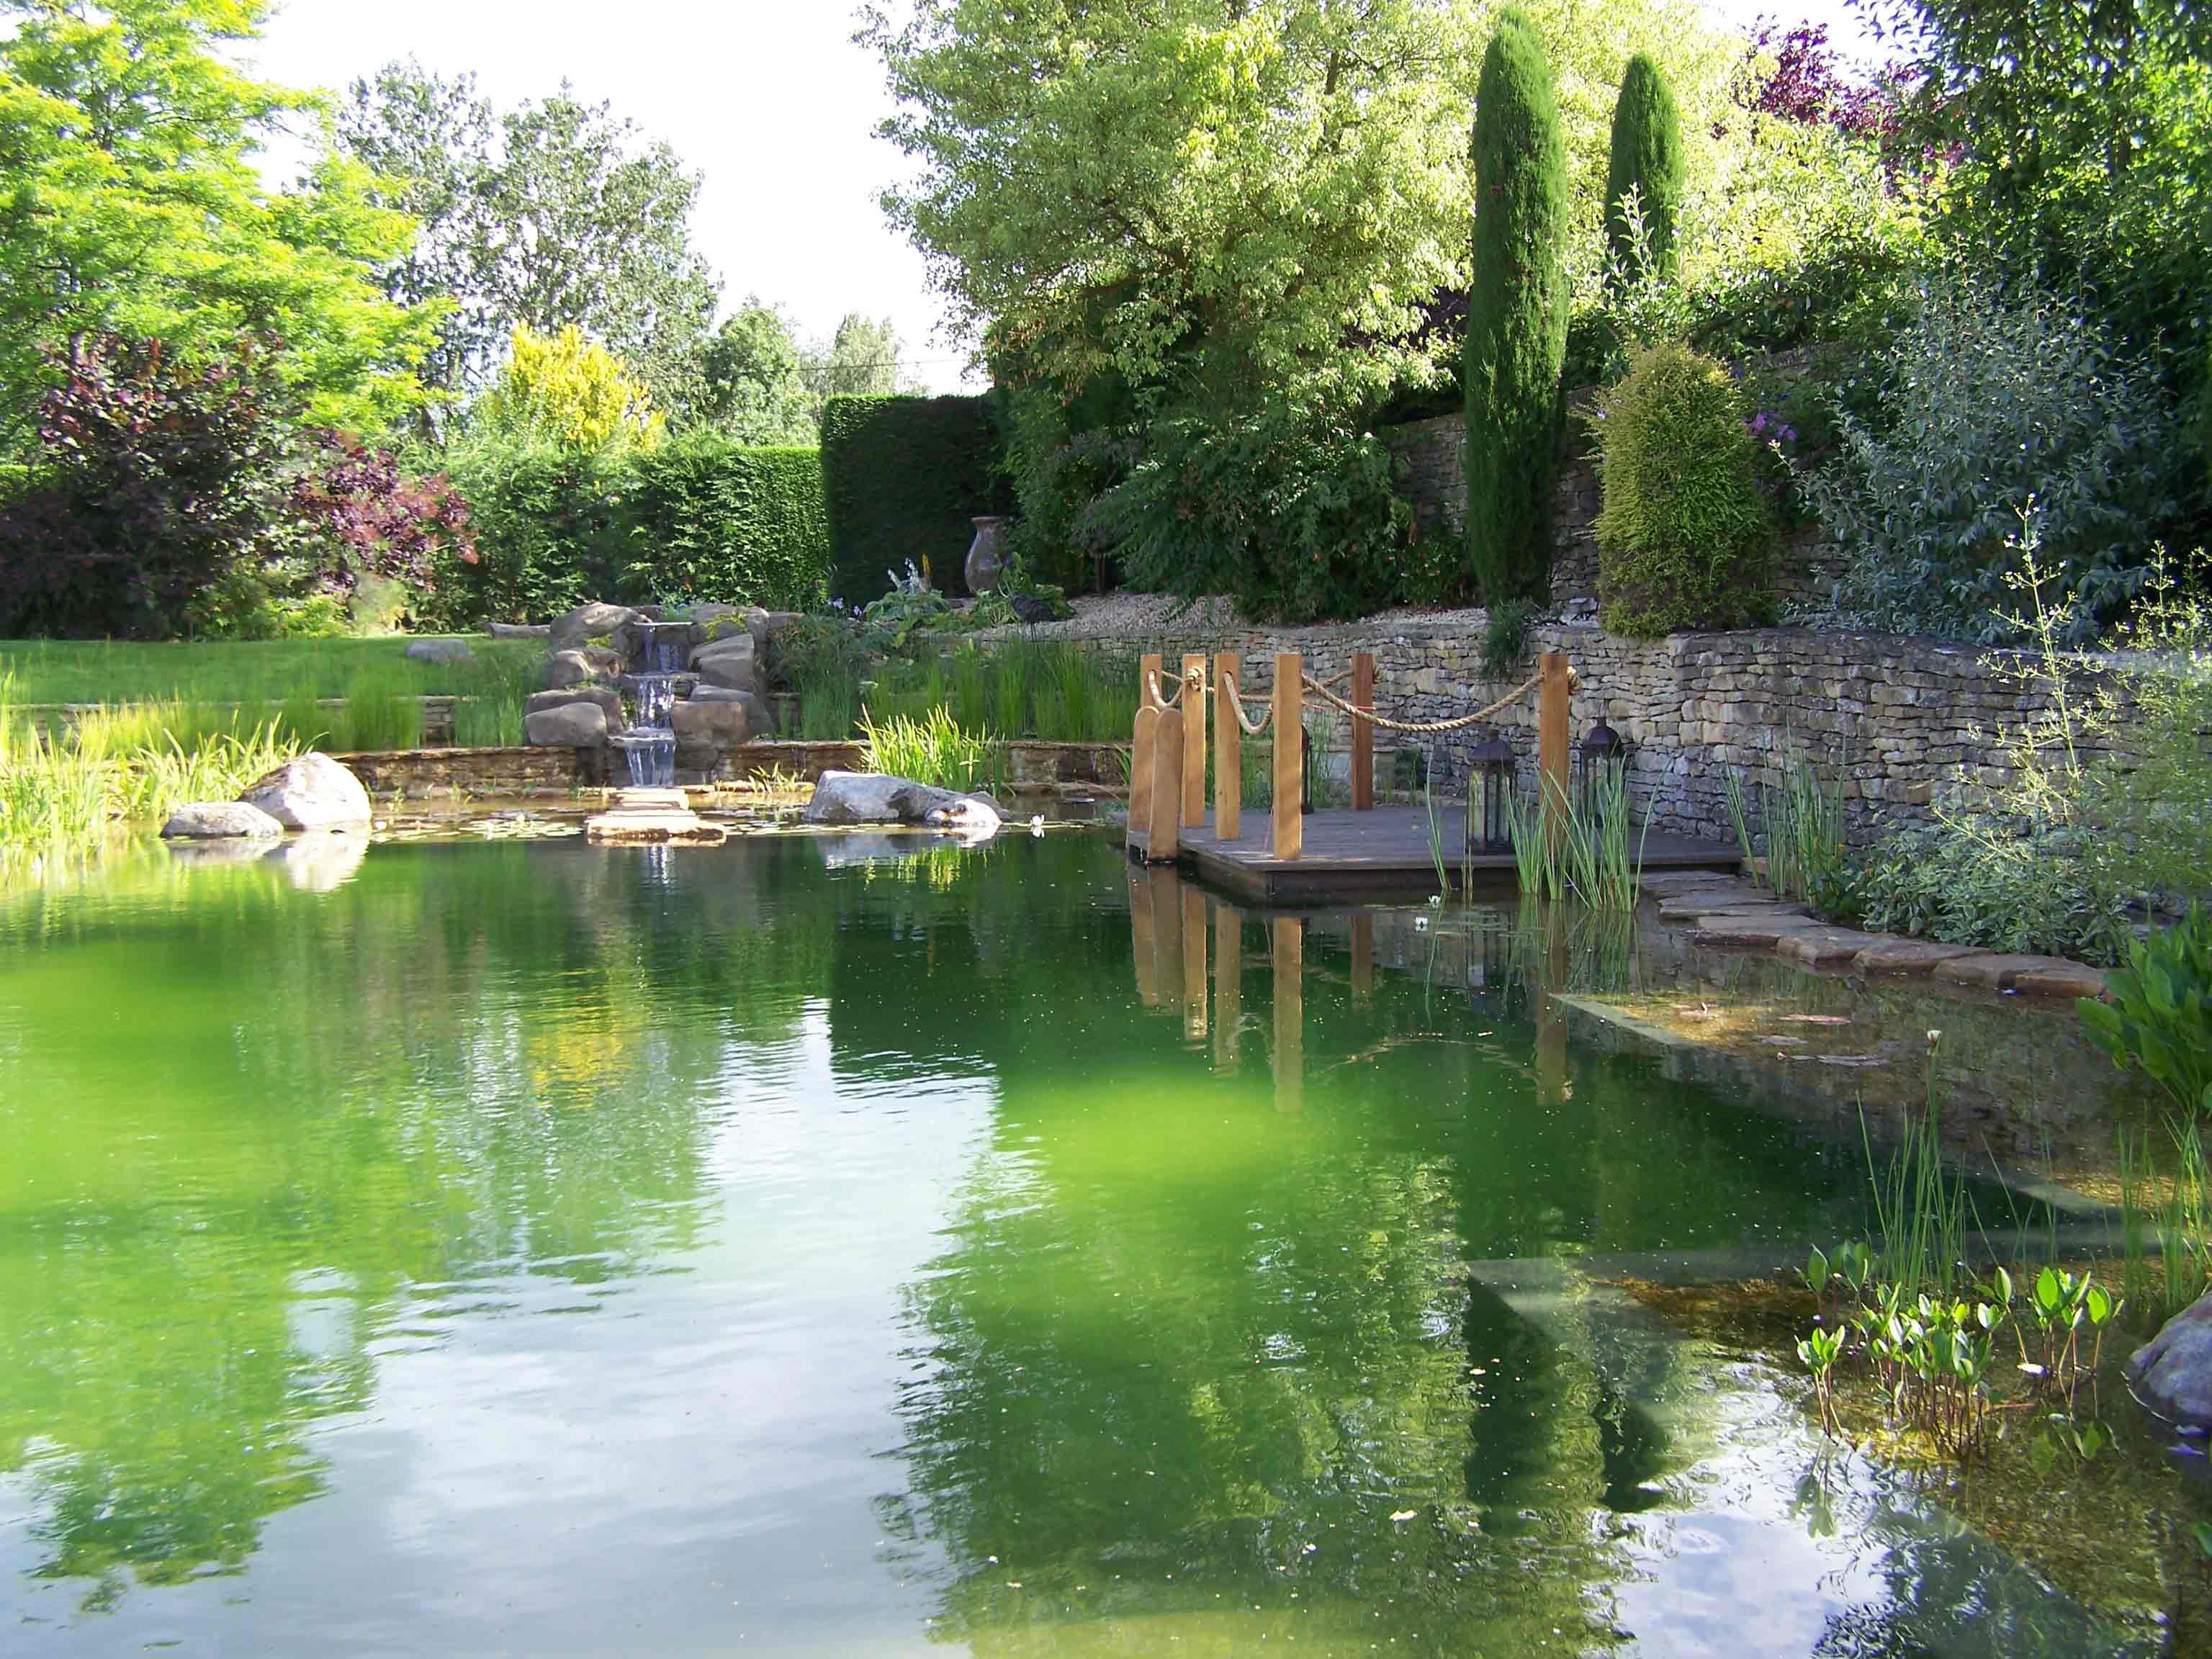 Xây dựng bể bơi tự nhiên thân thiện với môi trường